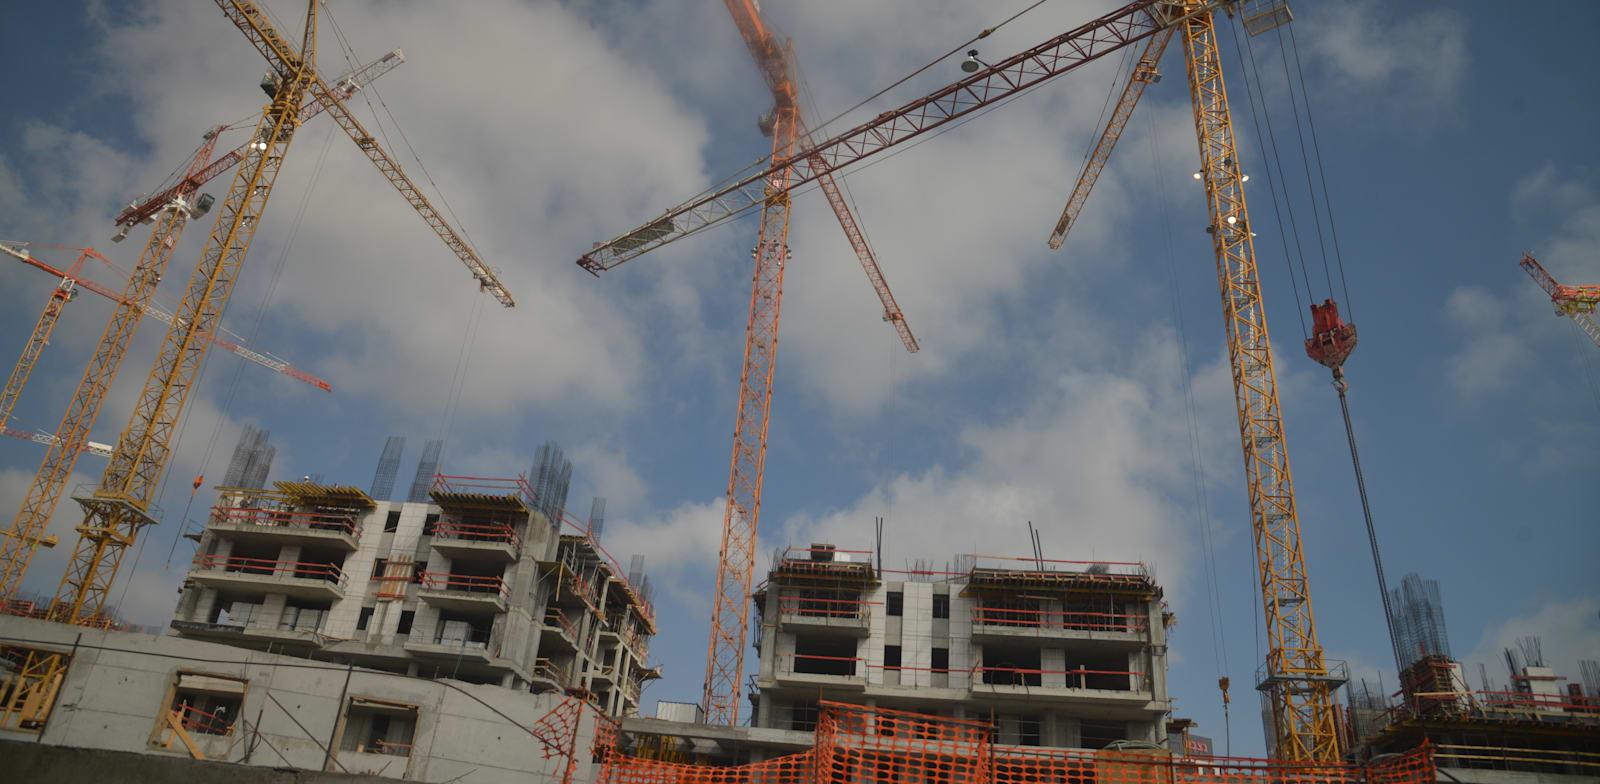 מנופים, אתר בנייה / צילום: תמר מצפי